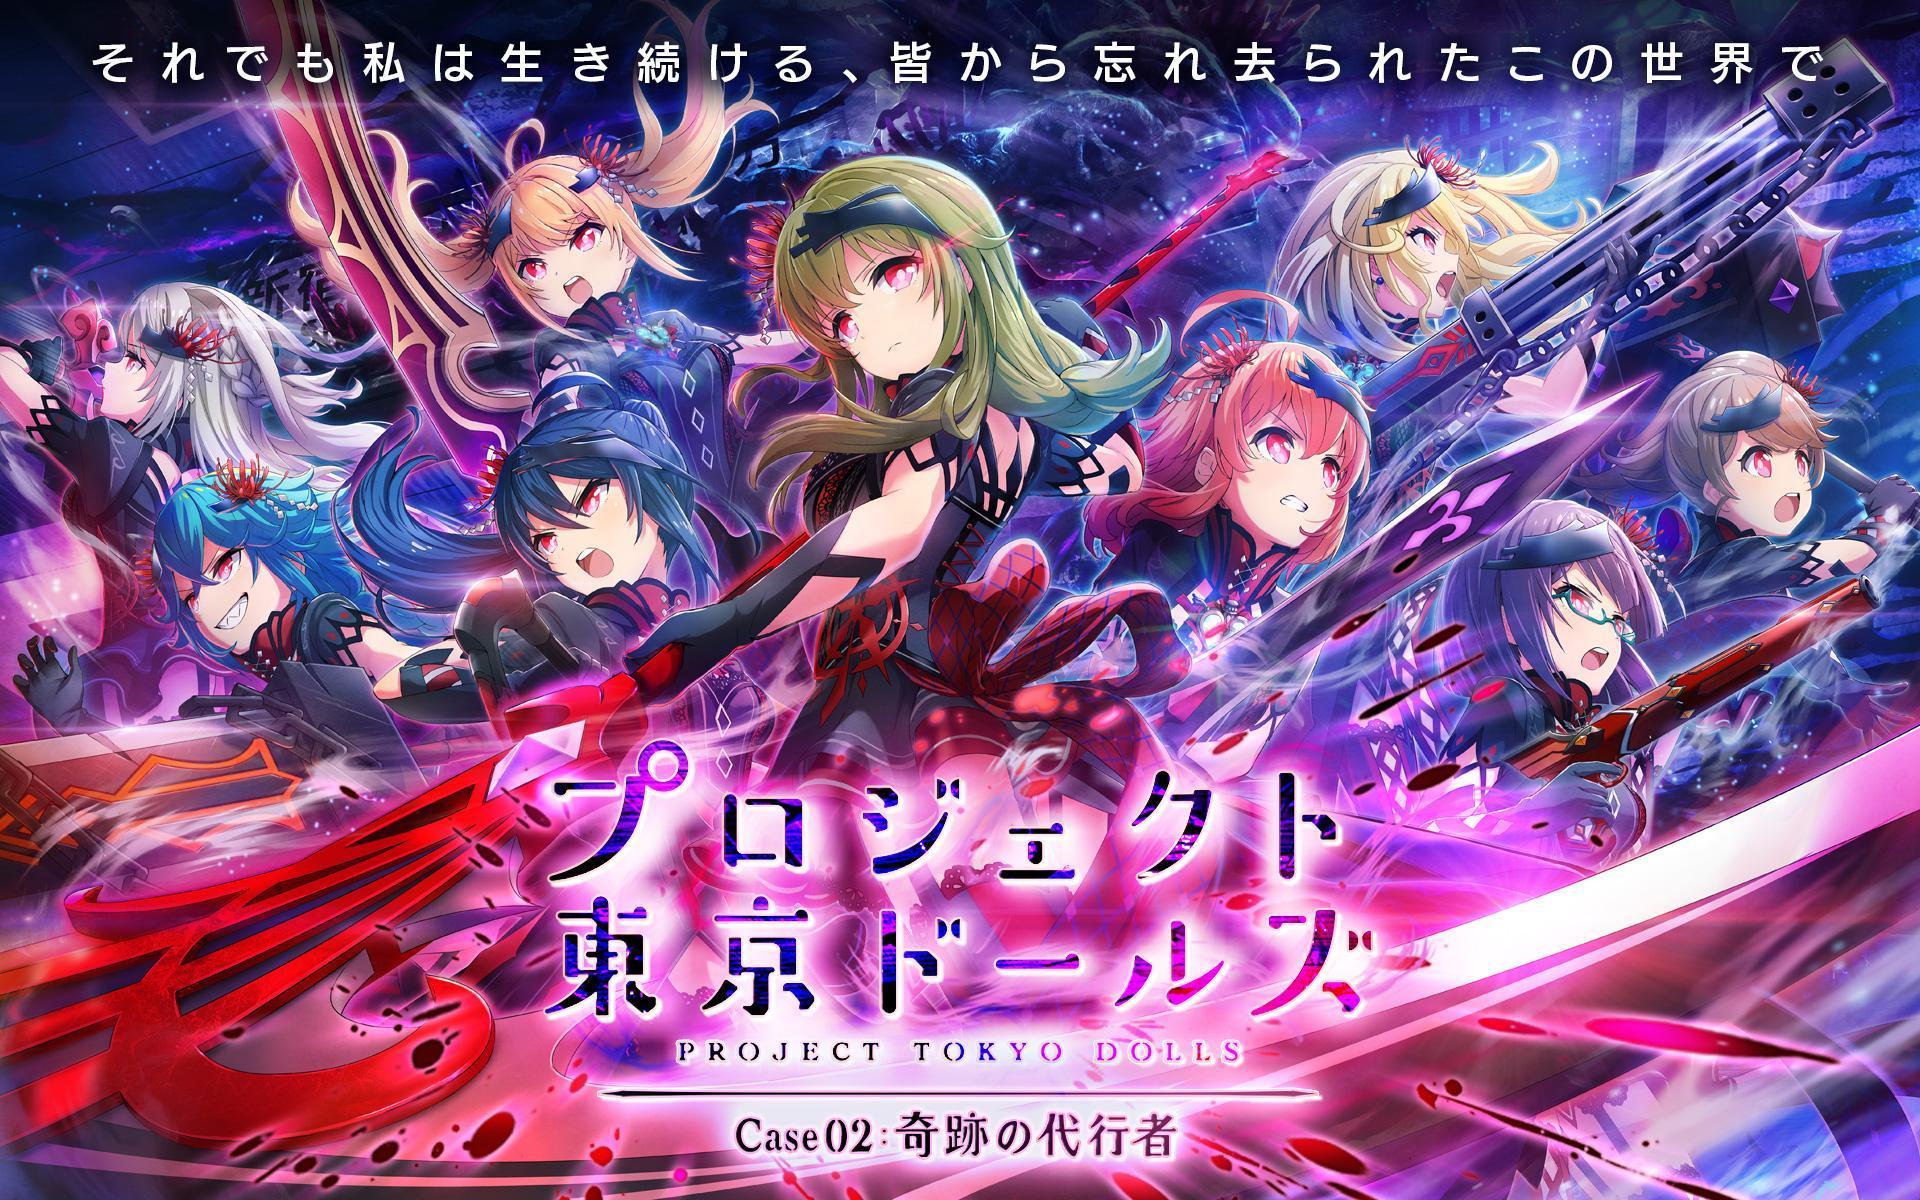 プロジェクト東京ドールズ :美少女タップアクションRPG 4.1.0 Screenshot 11